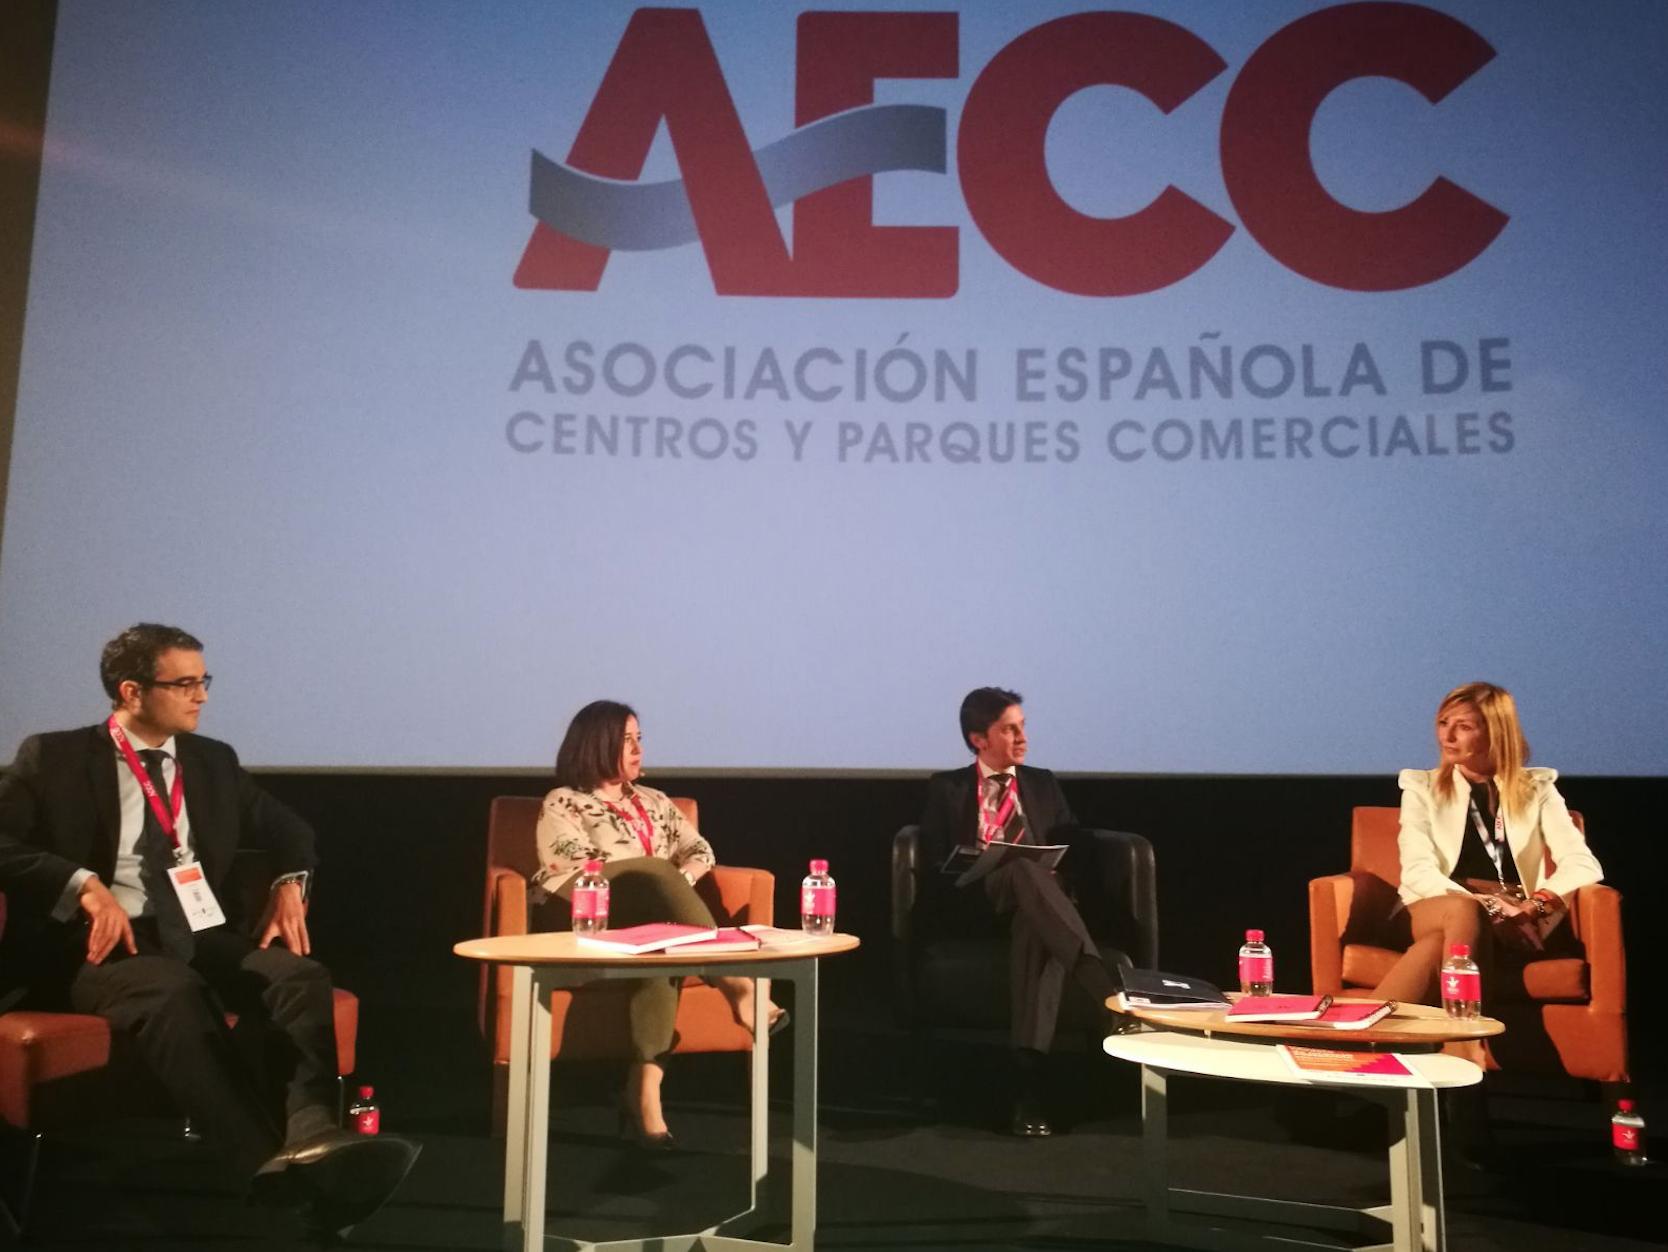 Aparece una mesa de discusión de un evento de AECC